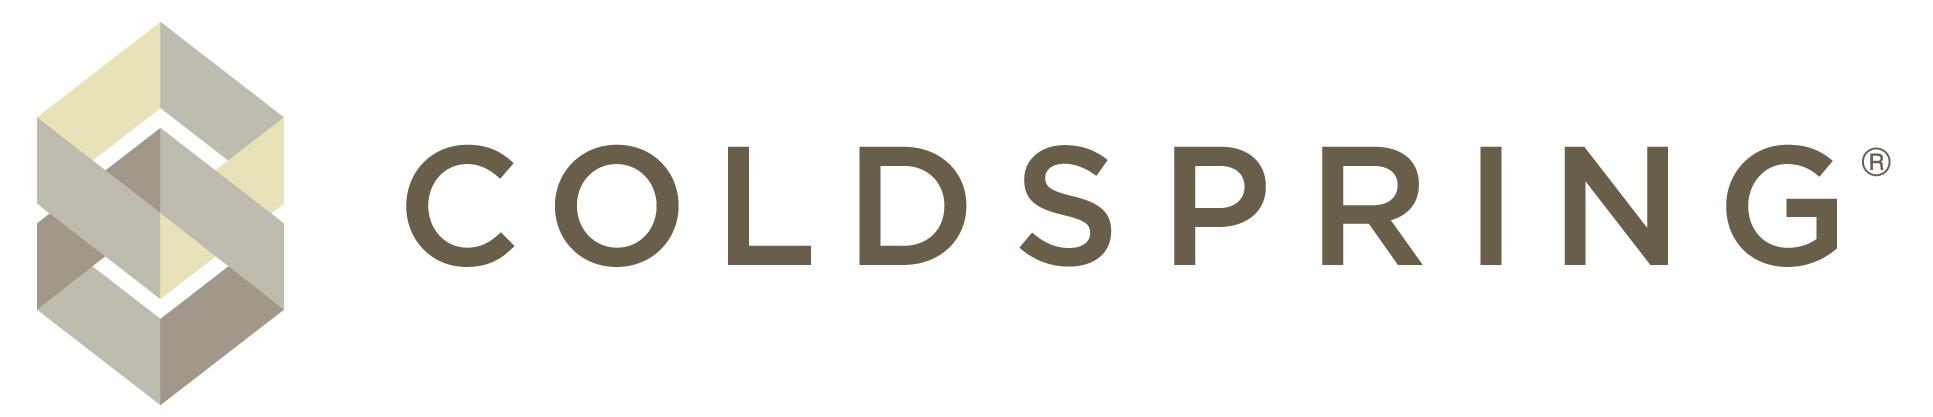 Coldspring logo.